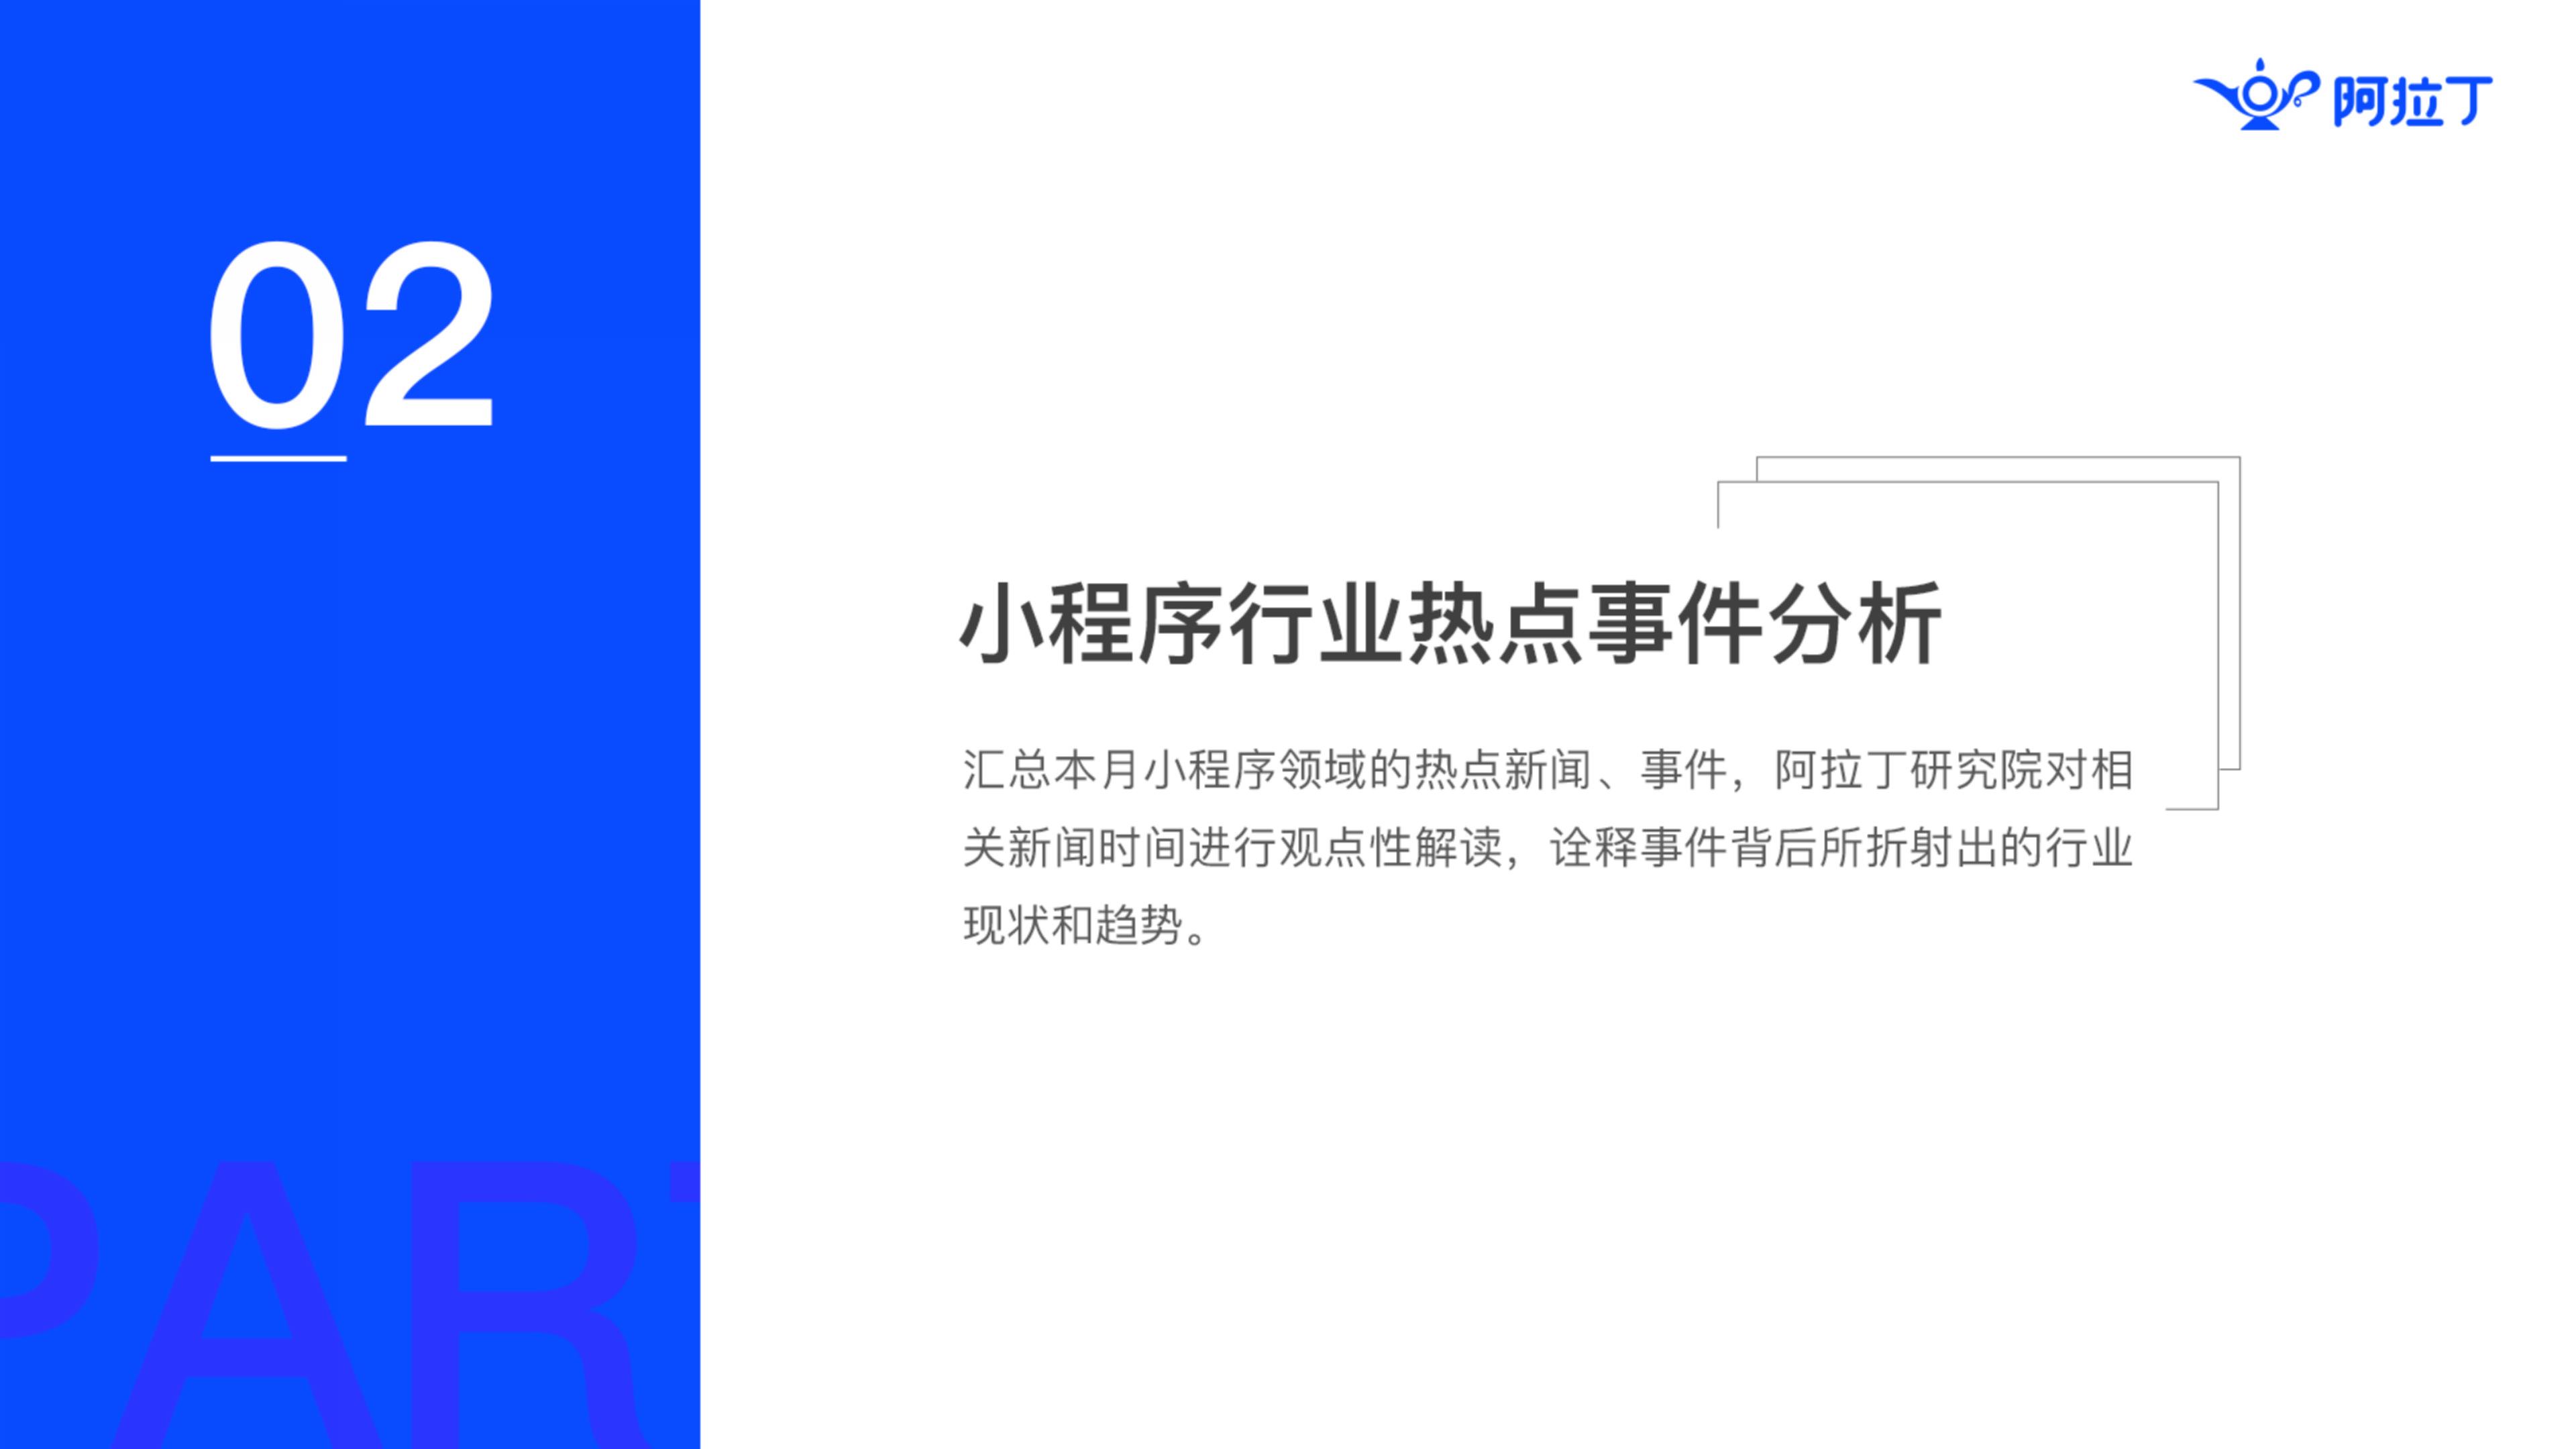 2019年3月中国小程序行业月度报告v5(1)_13.png